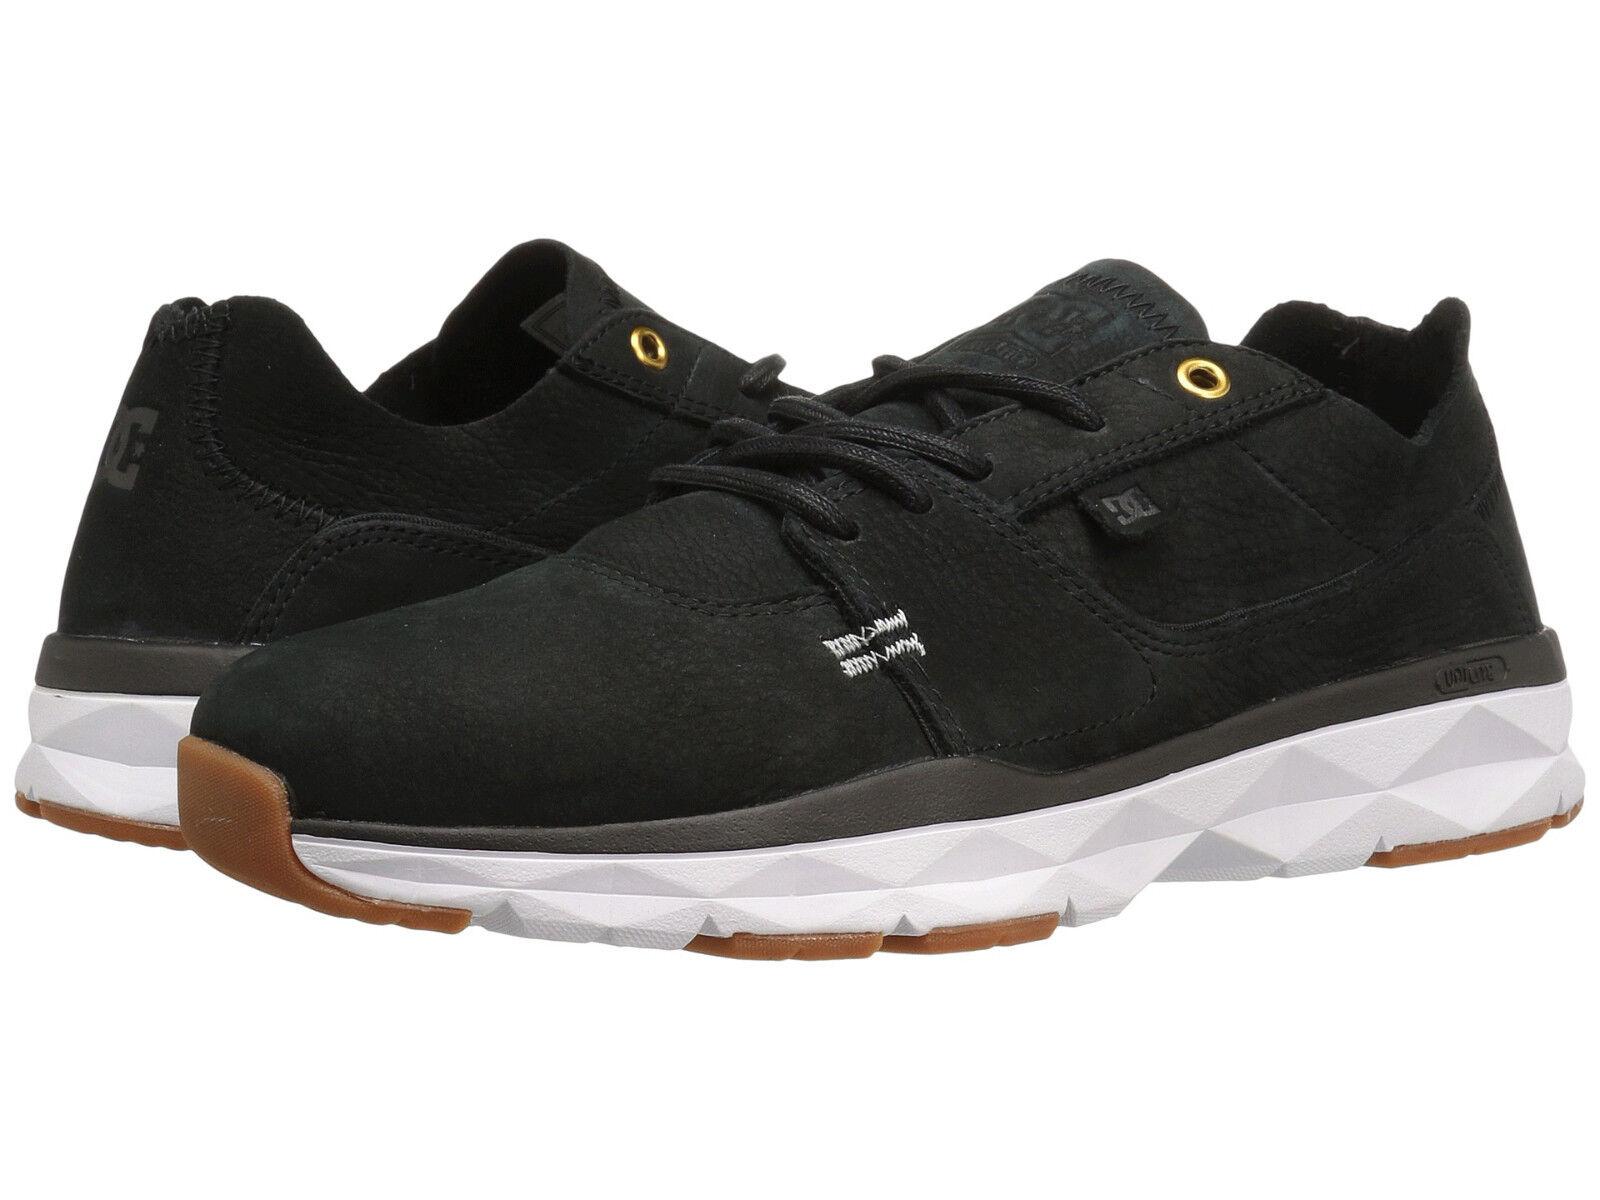 DC Men's Player Zero Sz US 14 M Black Nubuck Leather Sneakers shoes  105